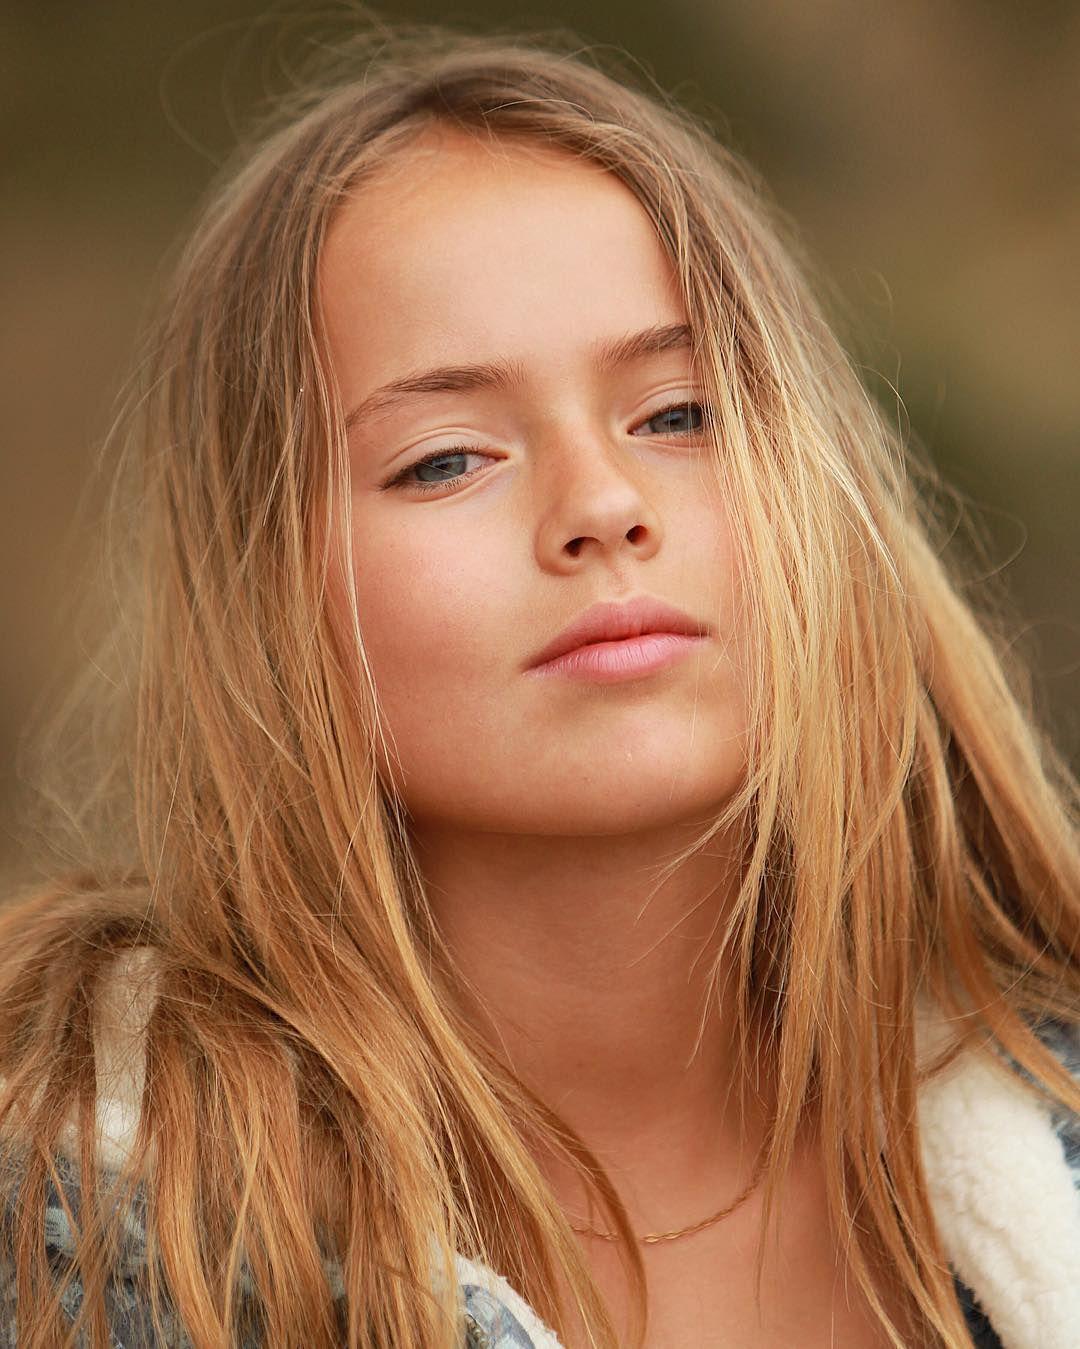 тут накрыли форум про молодых моделей девушки всегда отличались